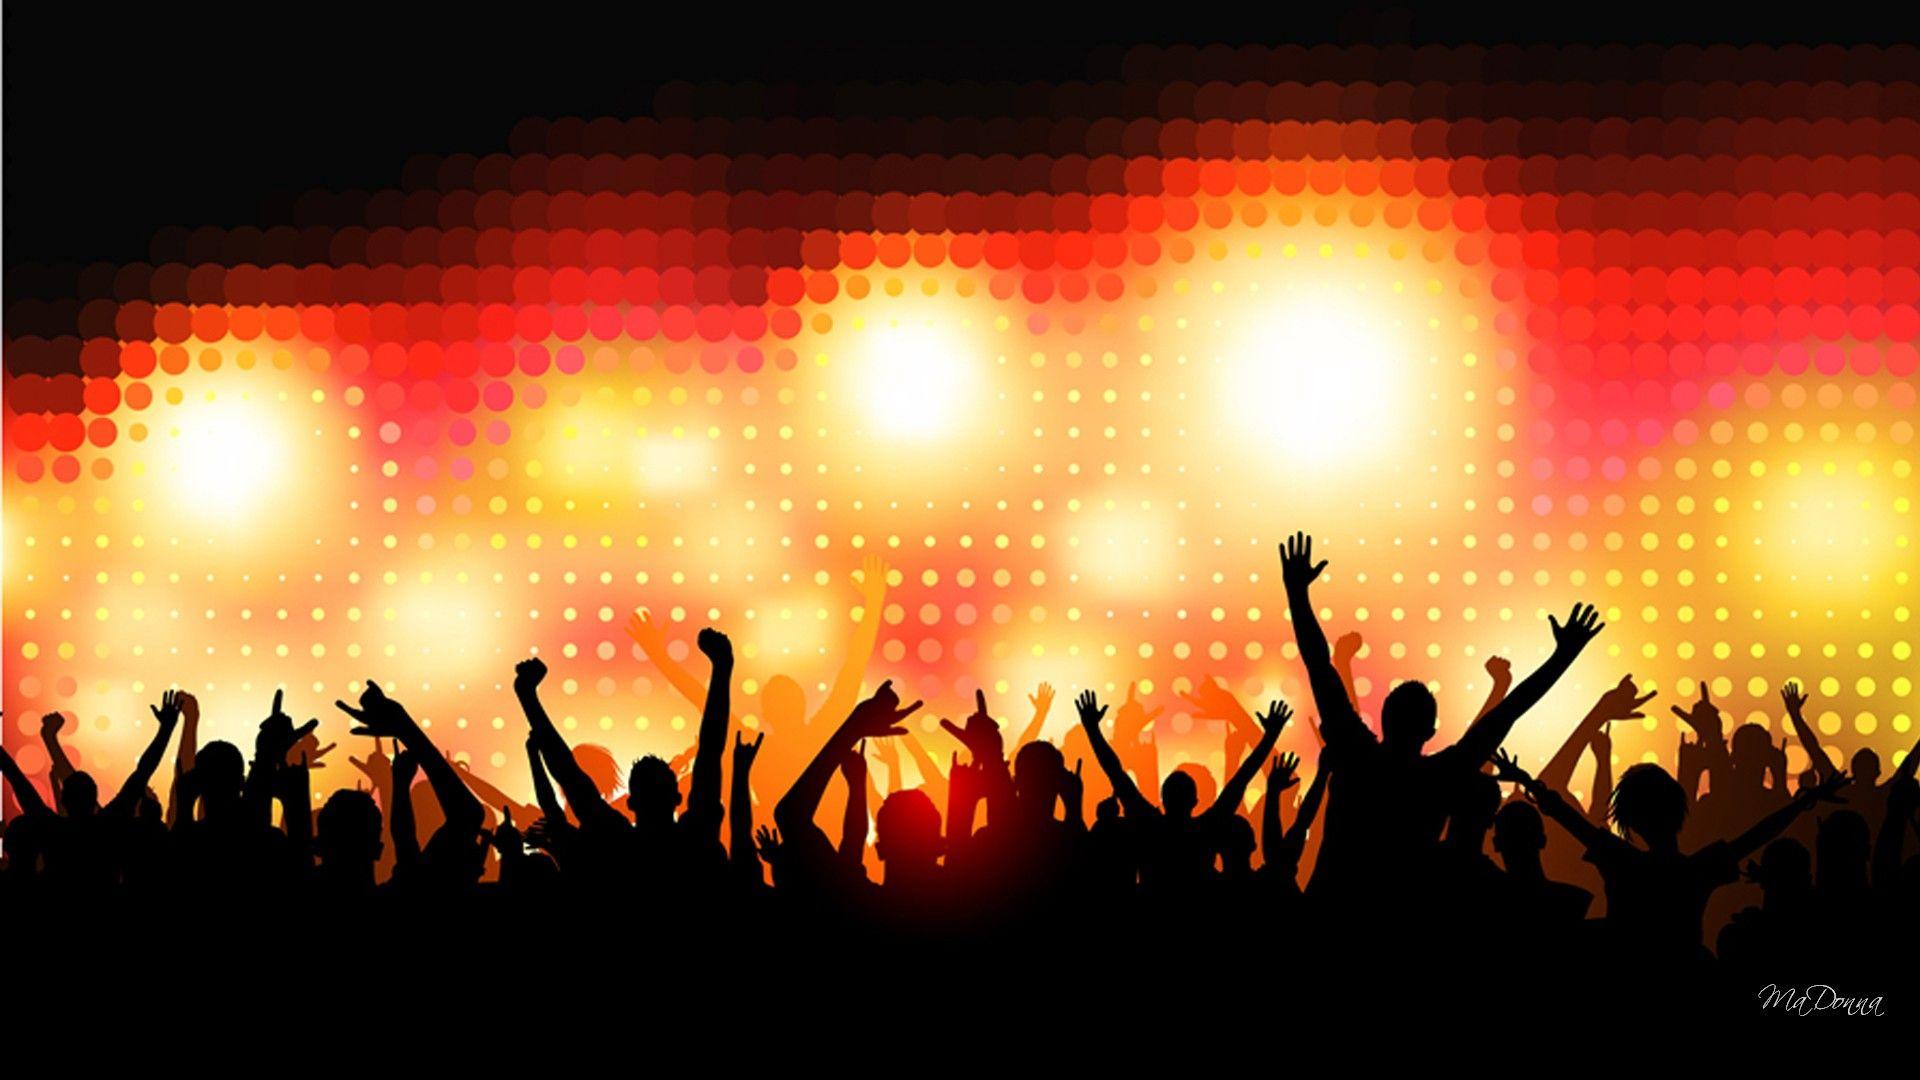 Top Wallpaper Music Summer - febbd6a803e15b721edf0046ac8ec5a4  Photograph_47585.jpg